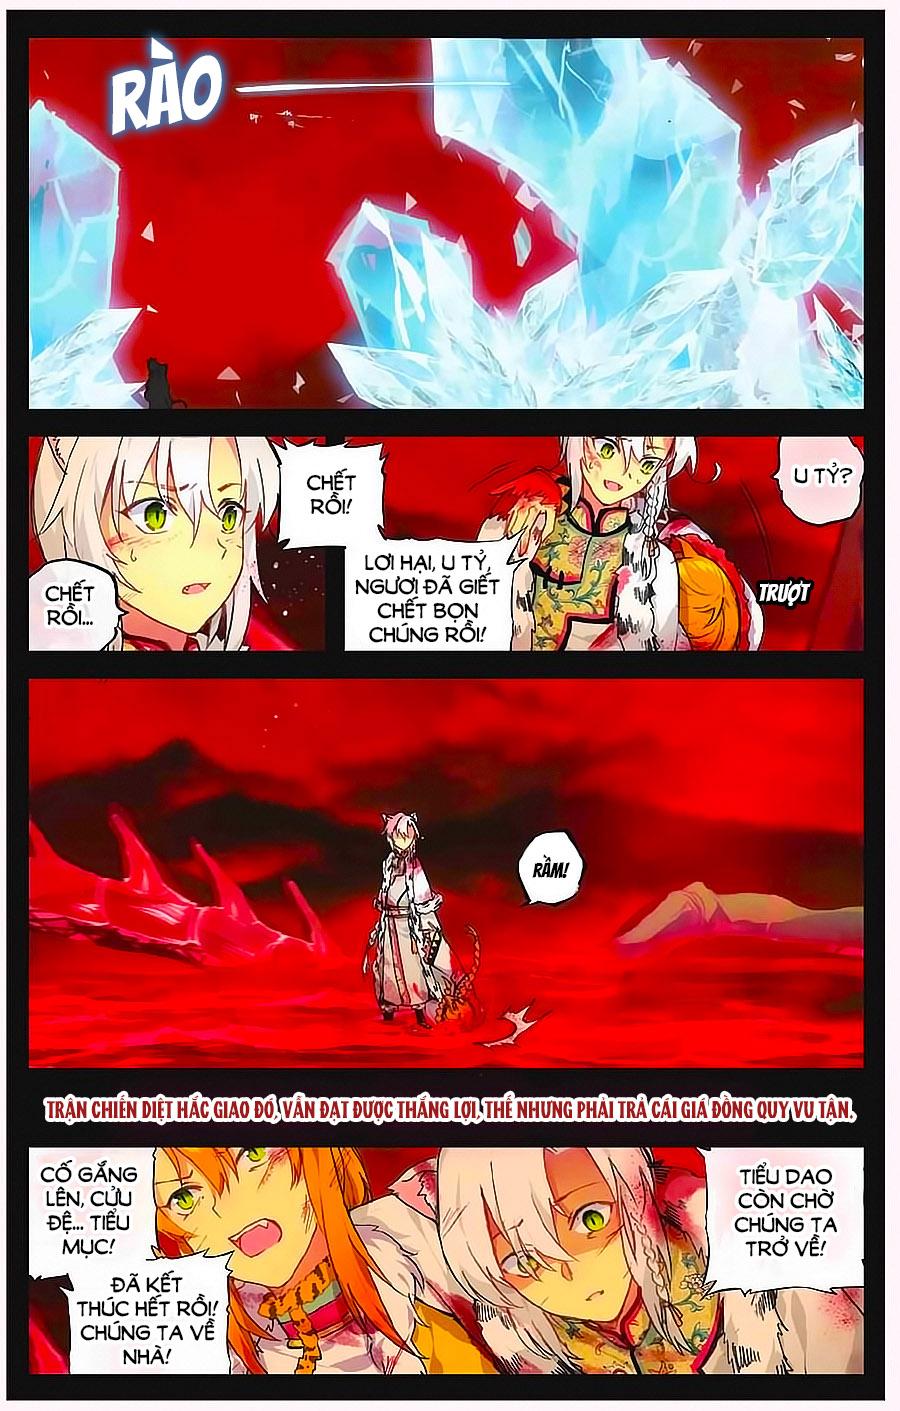 Thiên Hành Thiết Sự chap 68 Trang 14 - Mangak.info